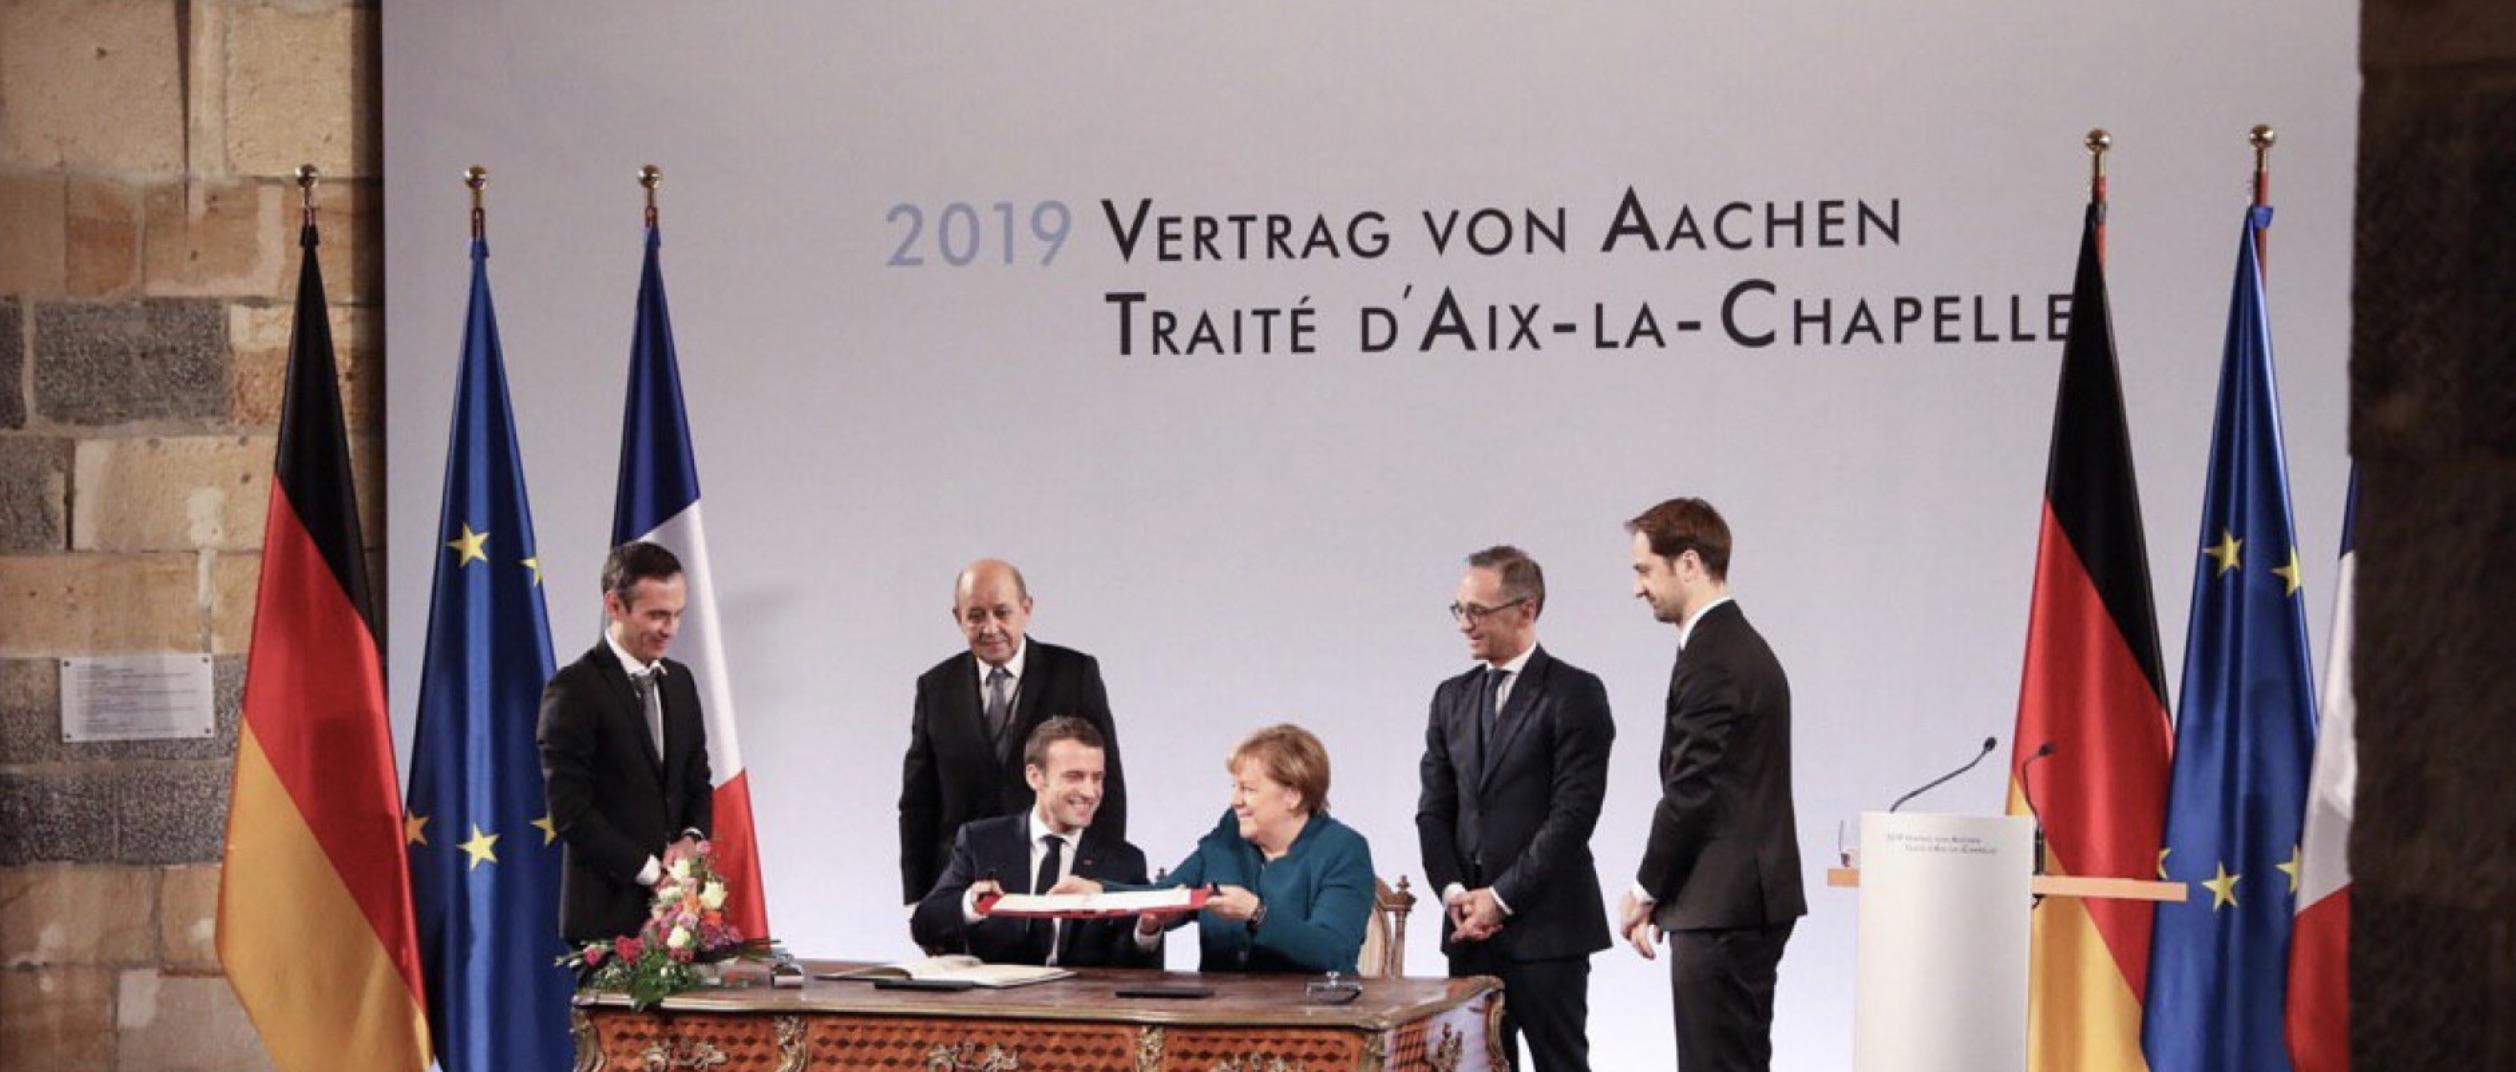 Signature du traité d'Aix-la-Chapelle